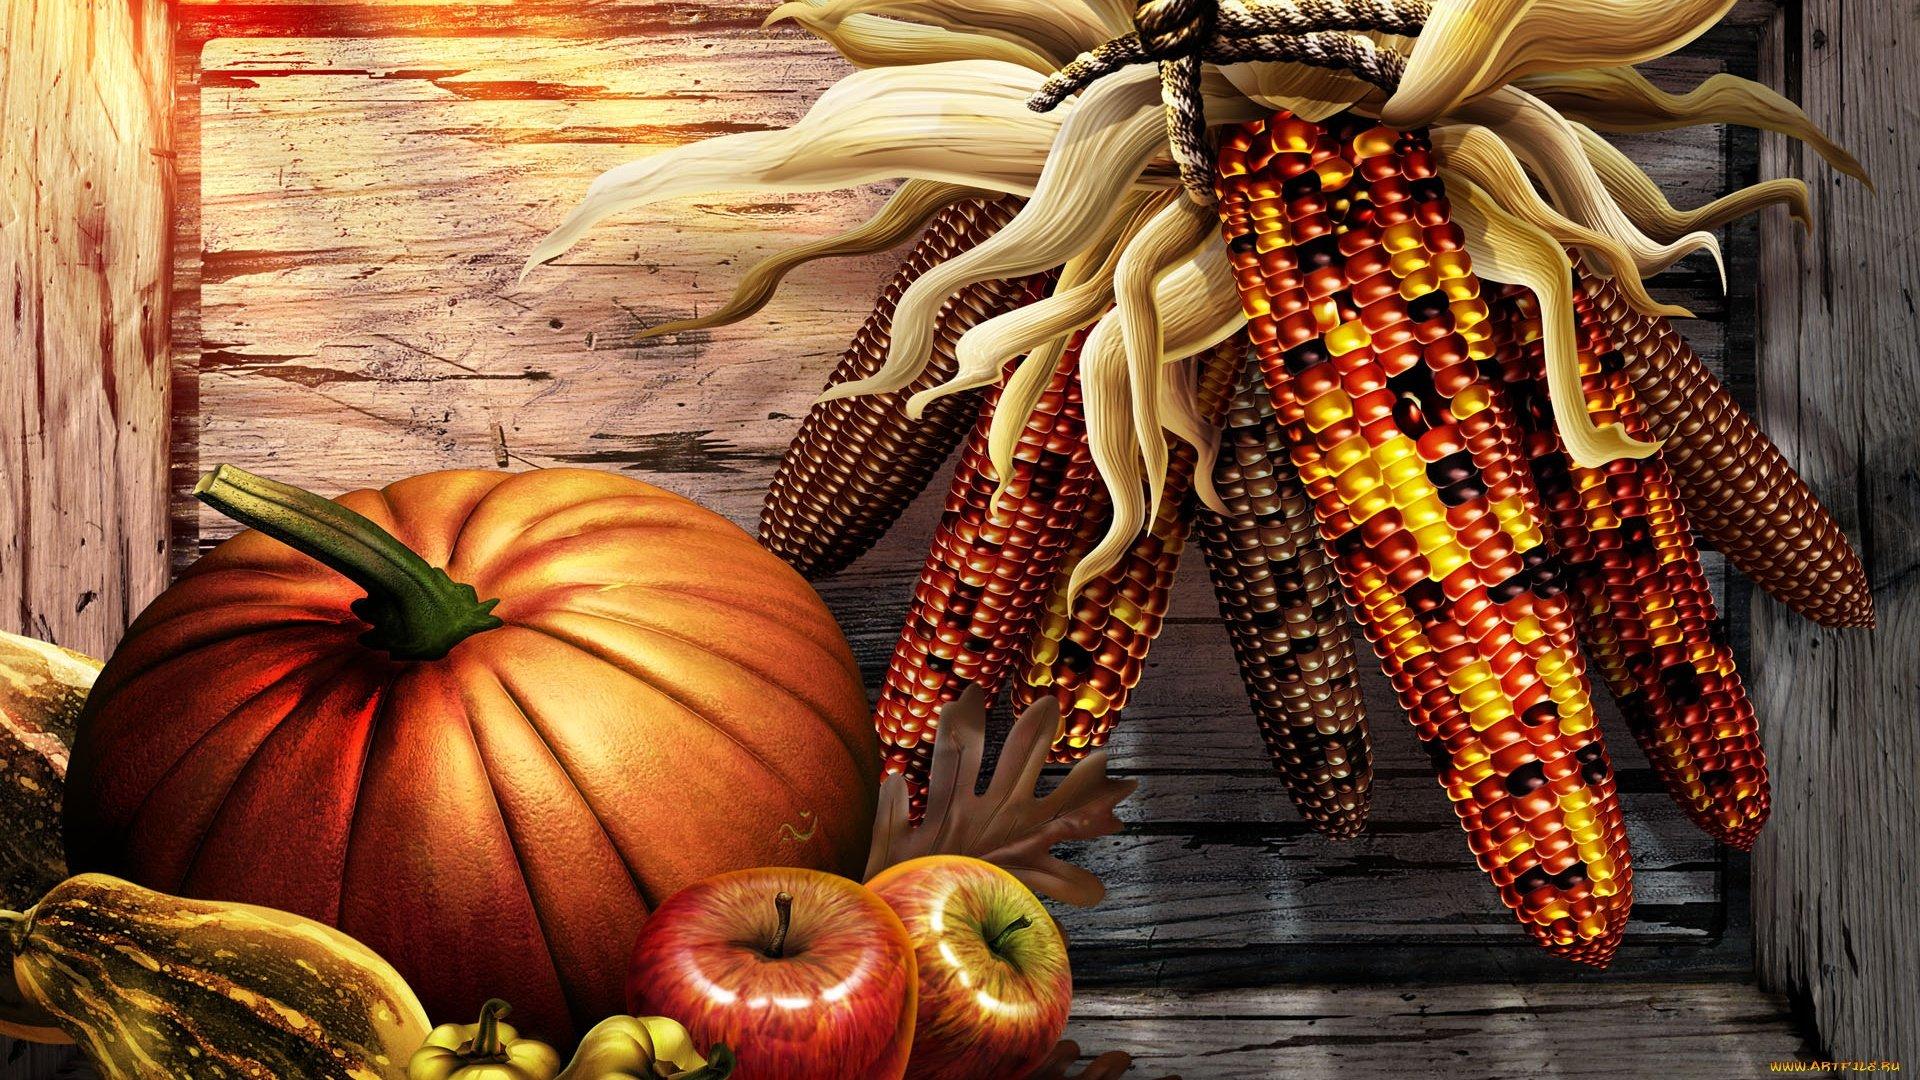 Thanksgiving Wallpaper Free Download